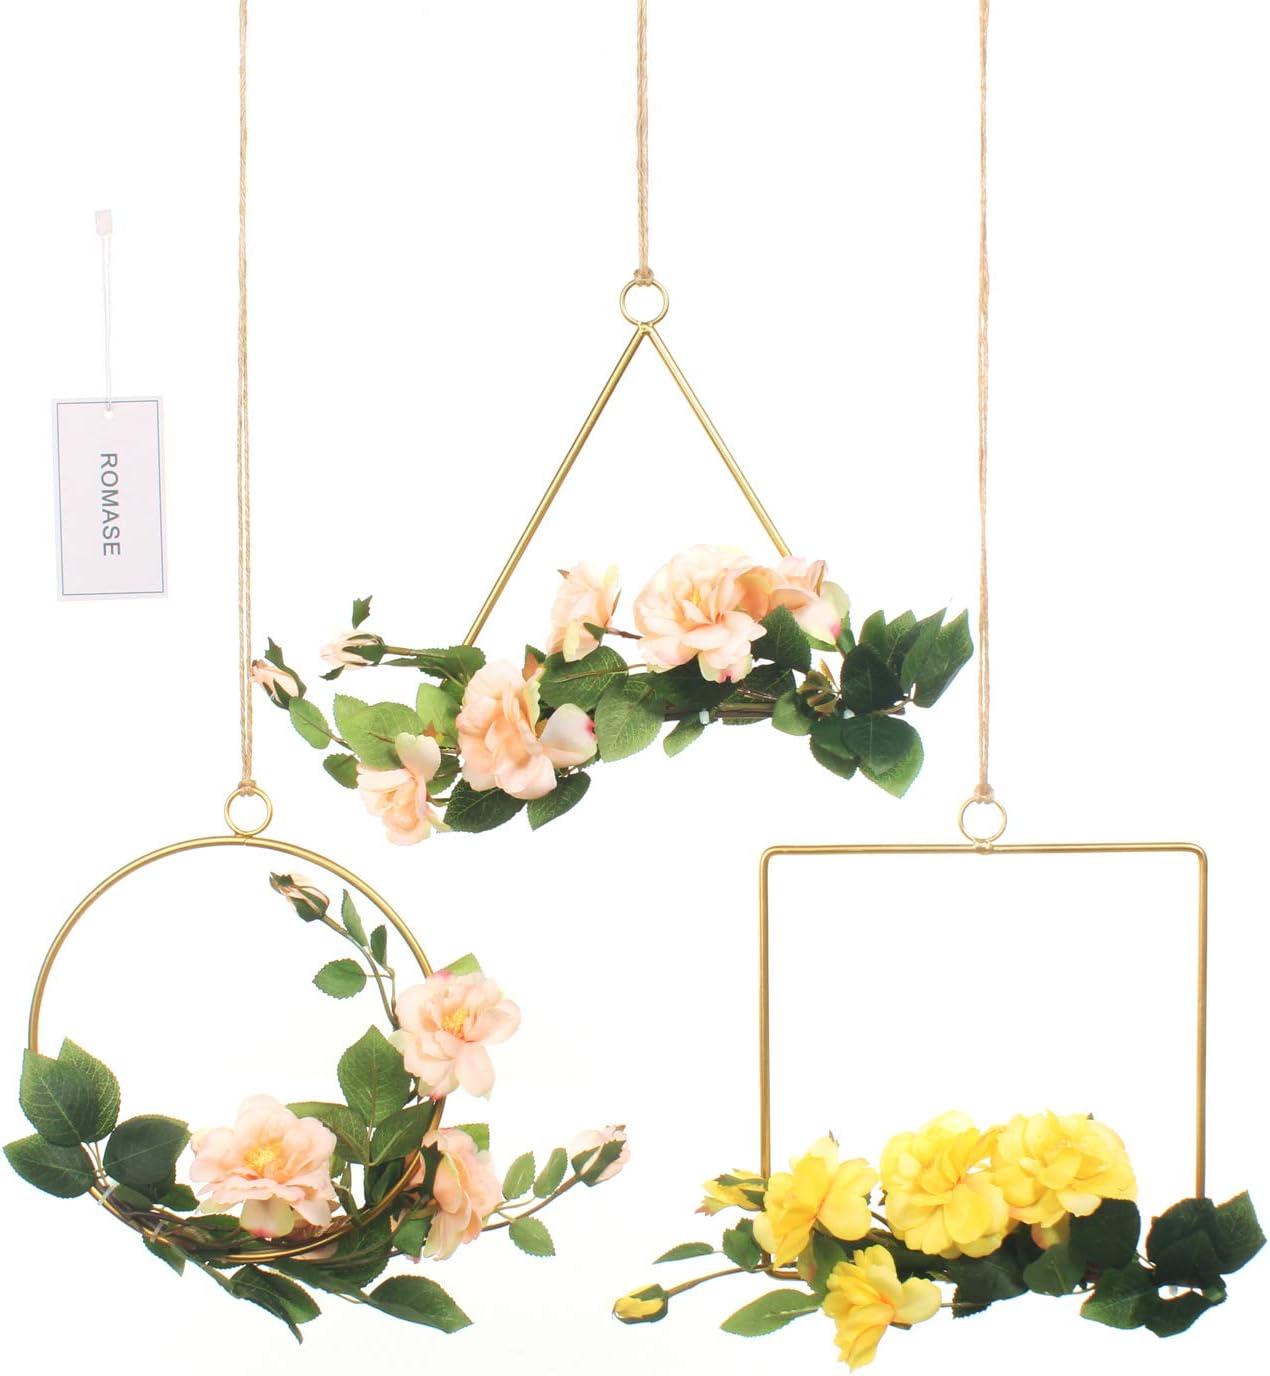 Romase Floral Hoop Wreath Set of 3 Artificial Iceberg Rose and Eucalyptus Vine Wreath for Wedding Party Backdrop Wall Garden Balcony Home Décor